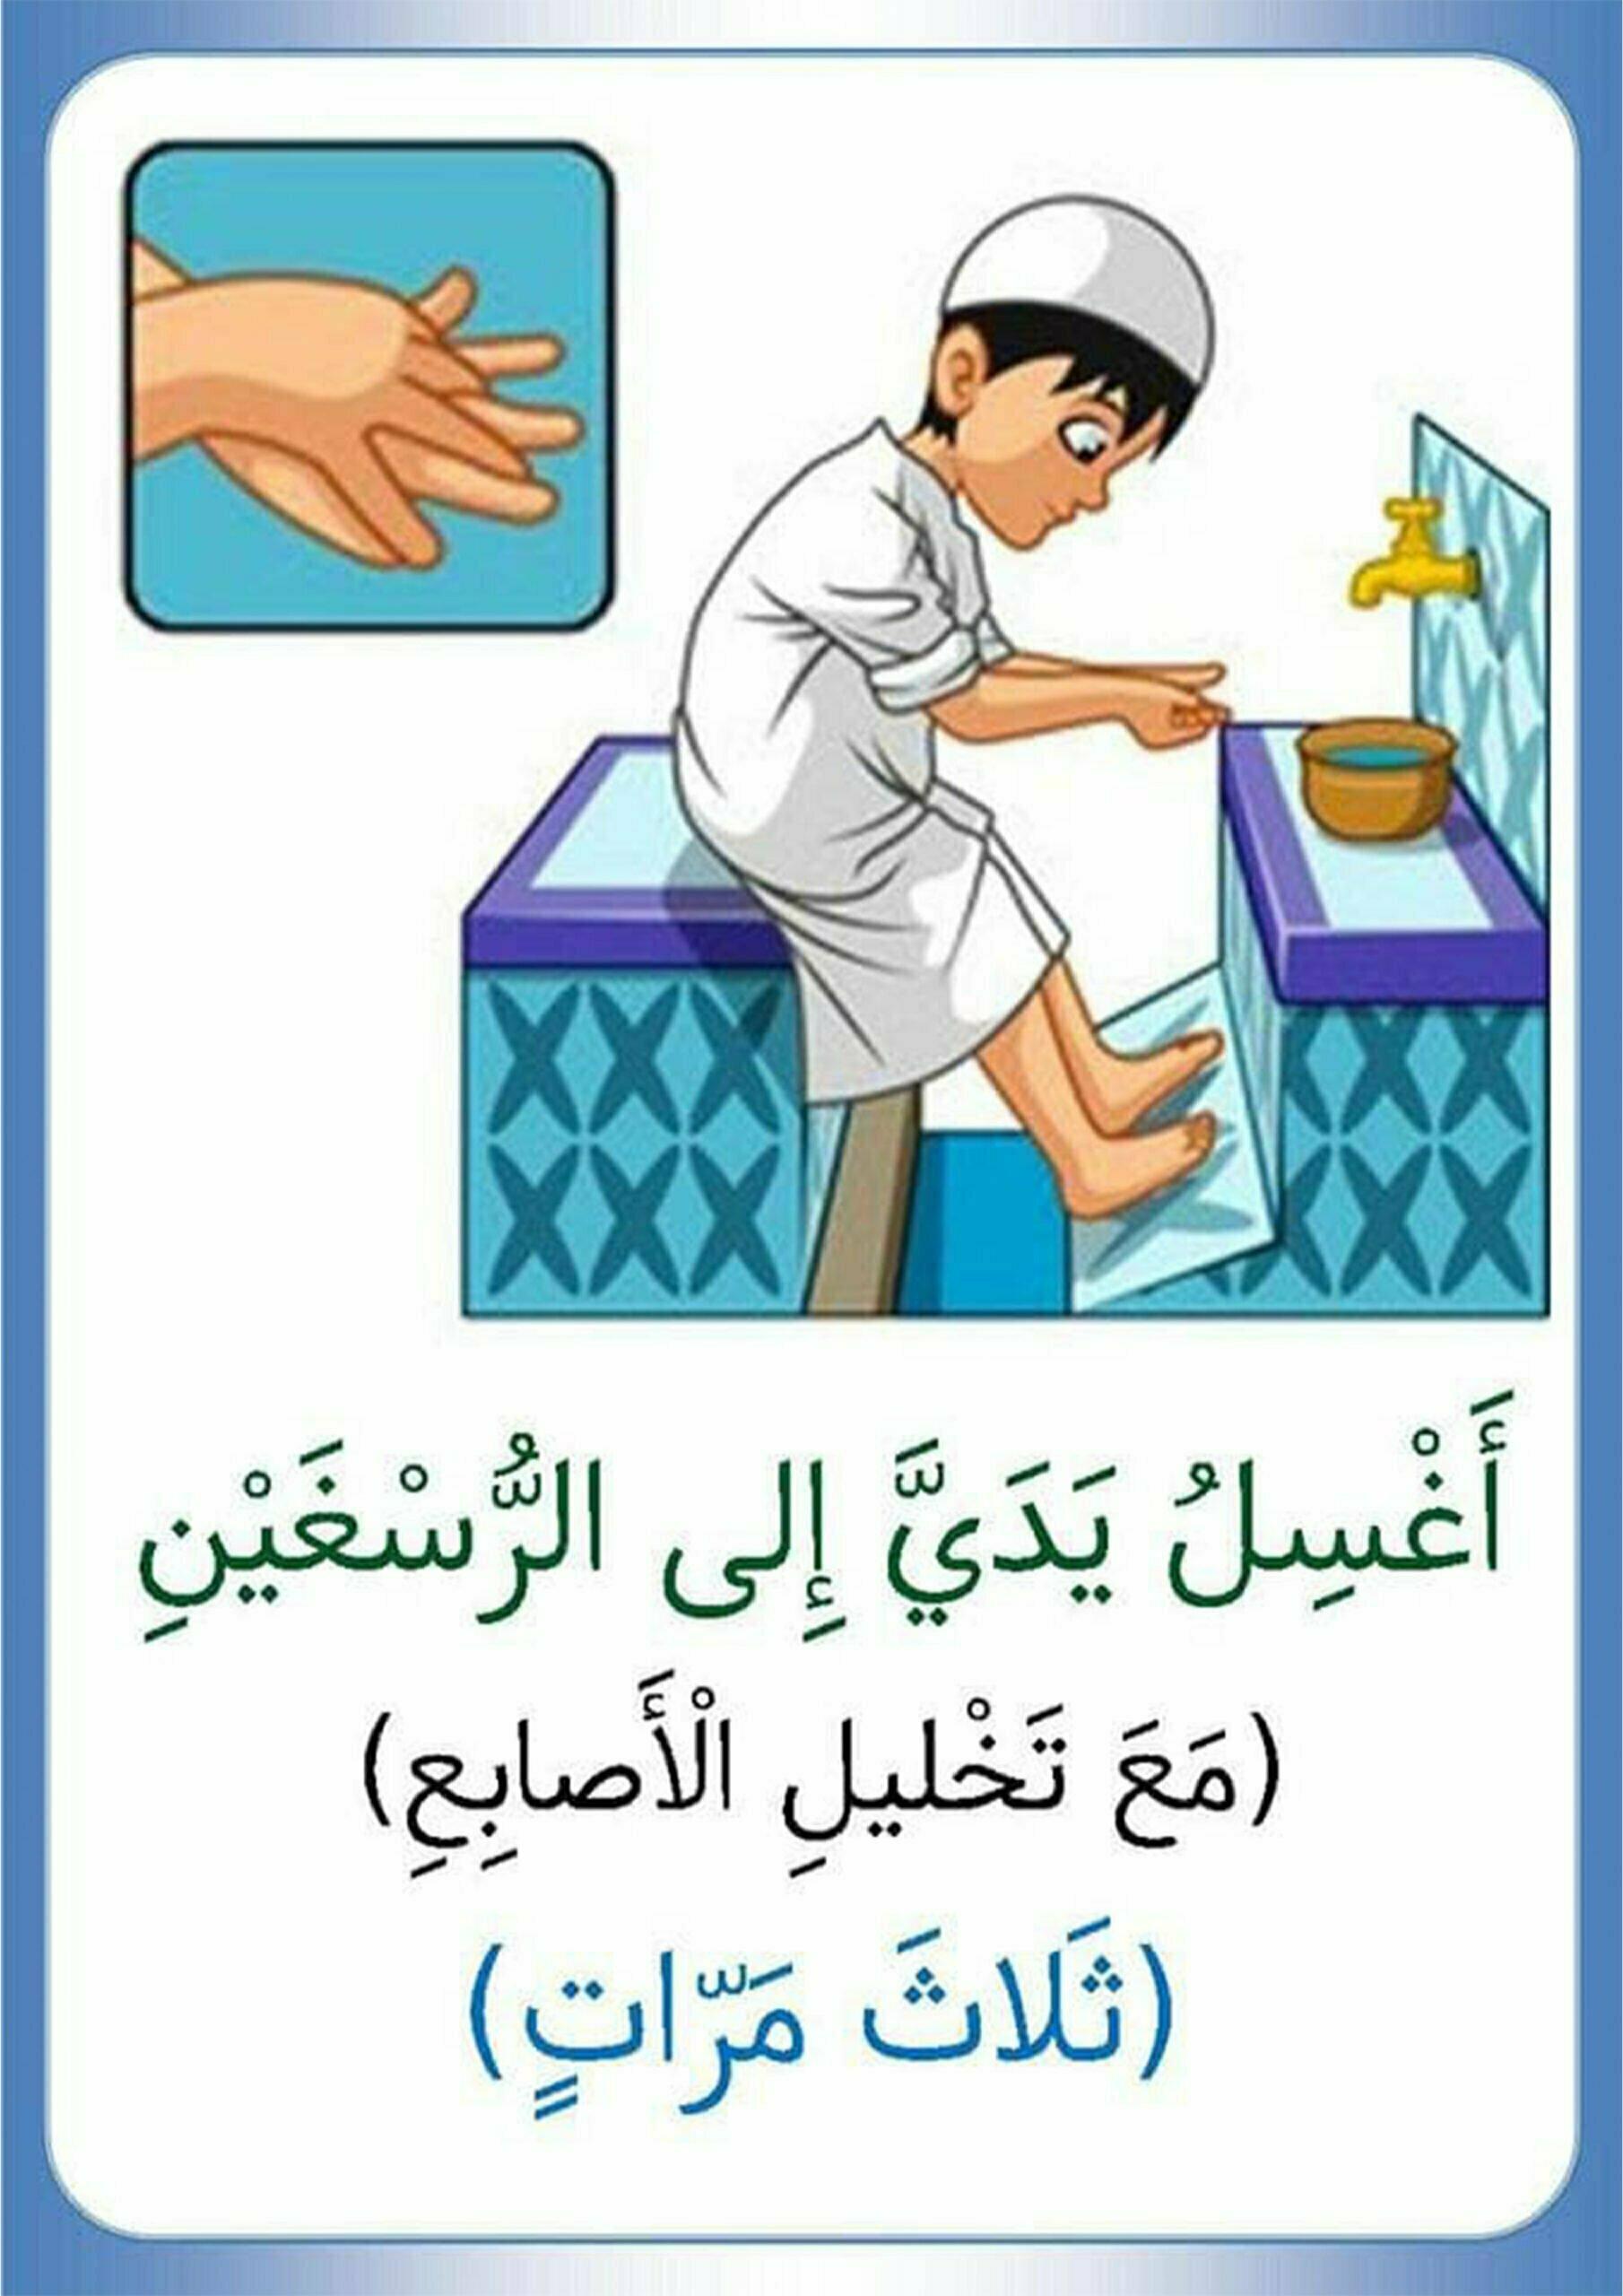 """2-أغسل يدي إلى الرسغين مع تخليل الأصابع """"ثلاث مرات"""""""